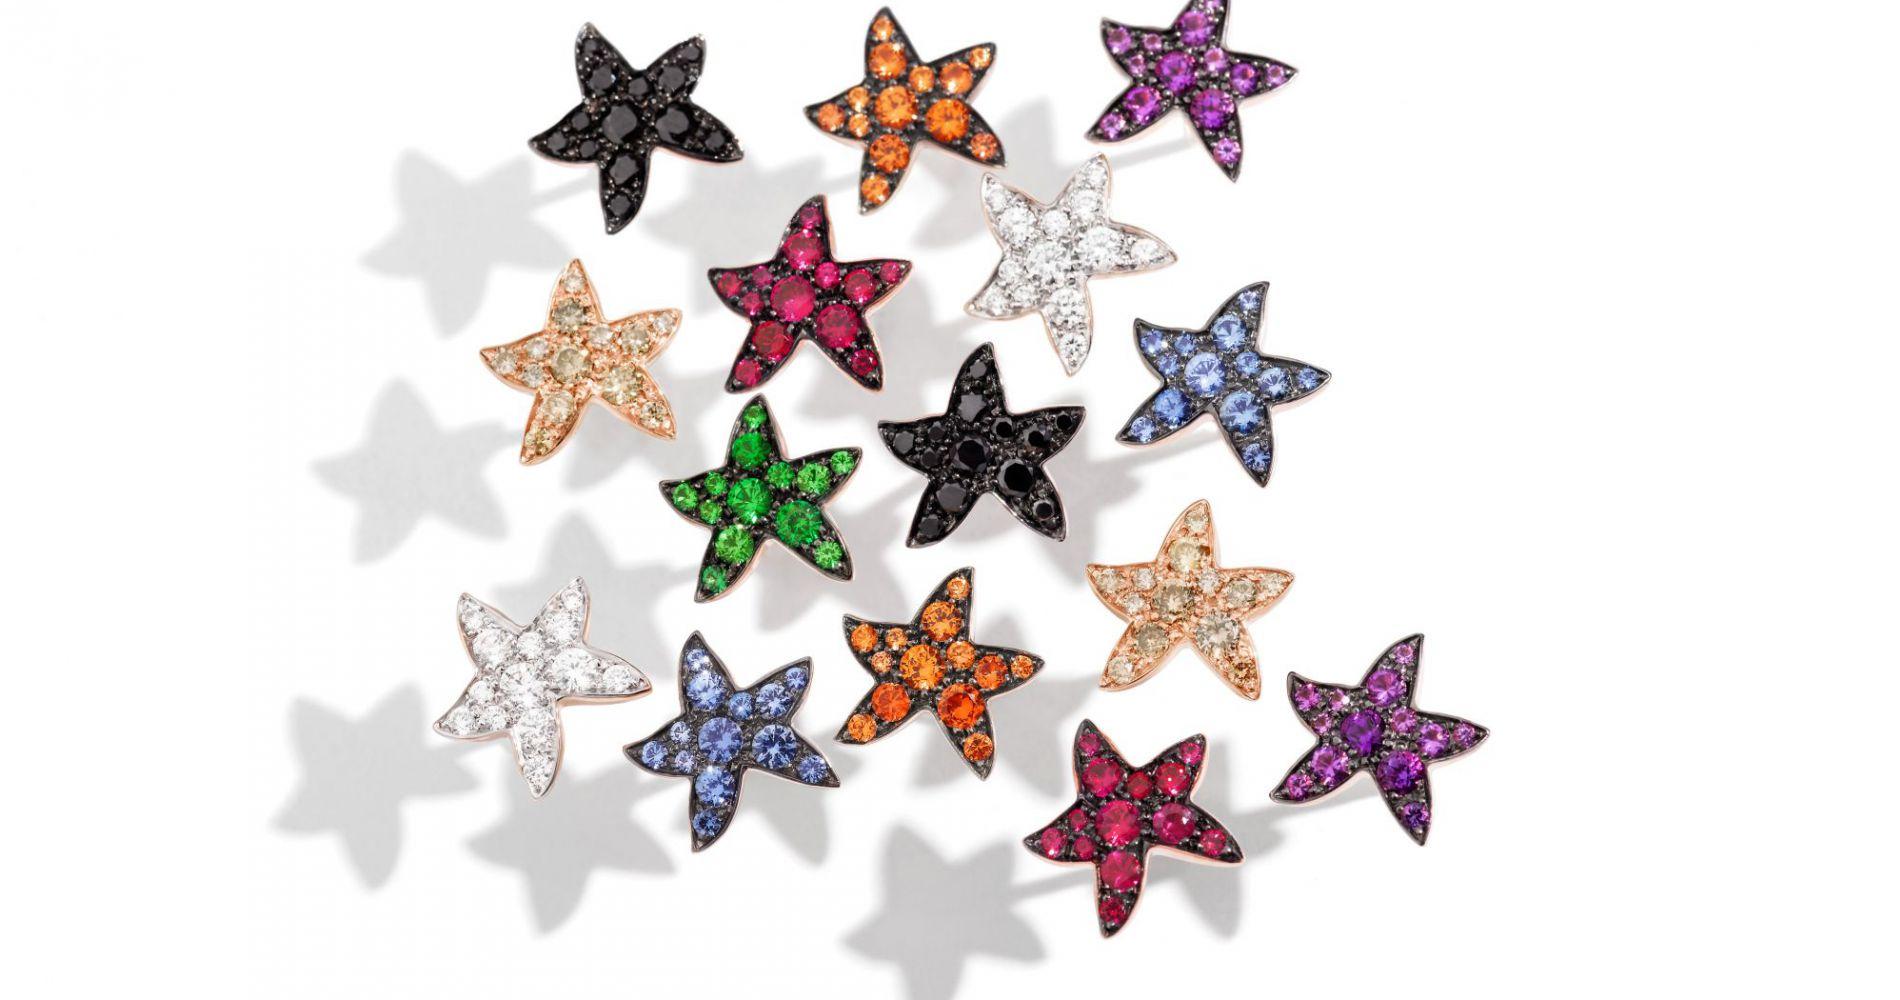 Les précieuses étoiles de mer Dodo